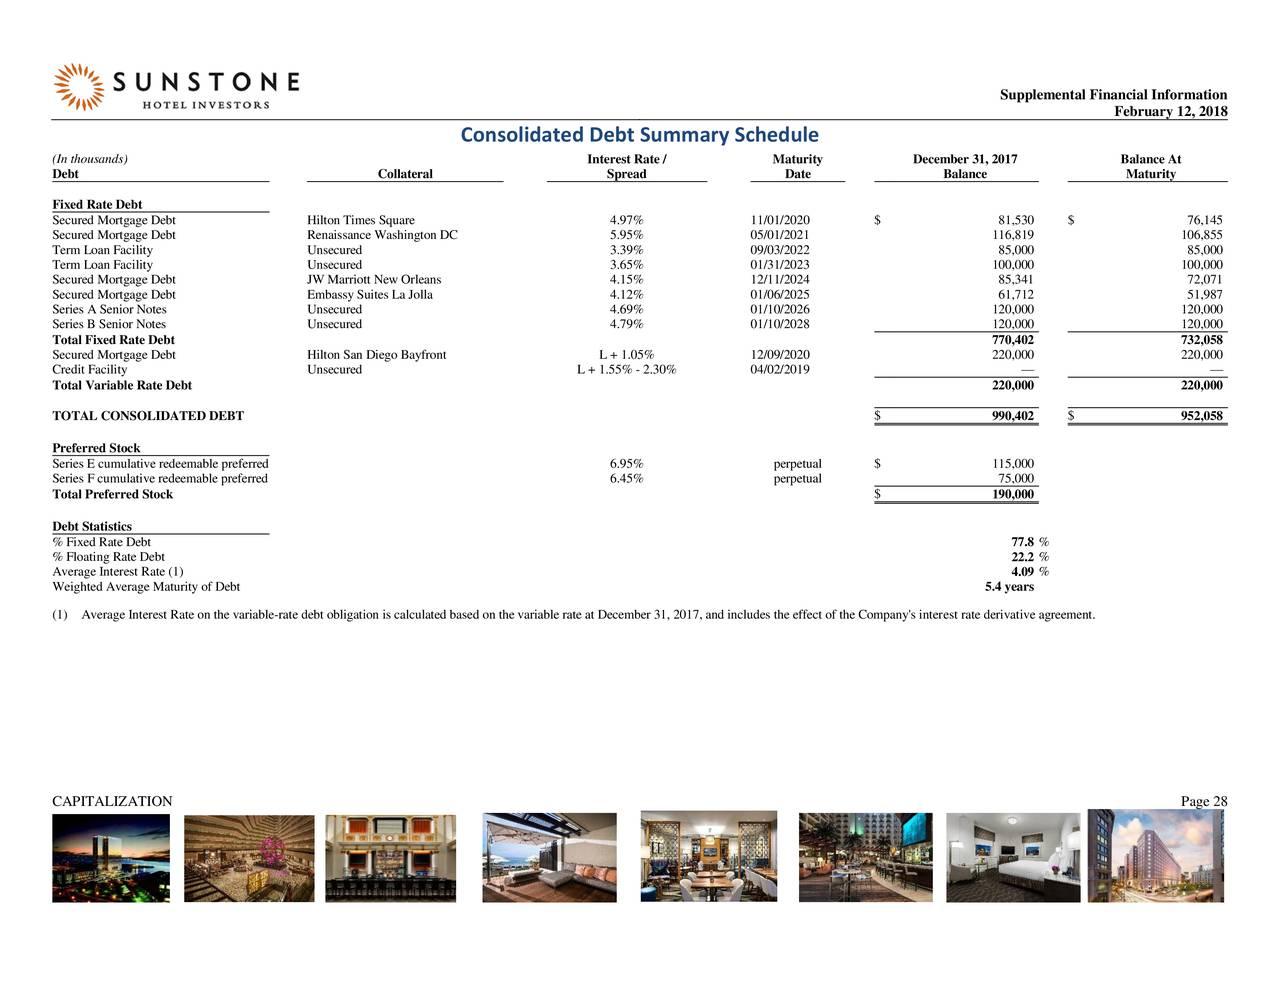 Sunstone Hotel Investors, Inc. 2017 Q4